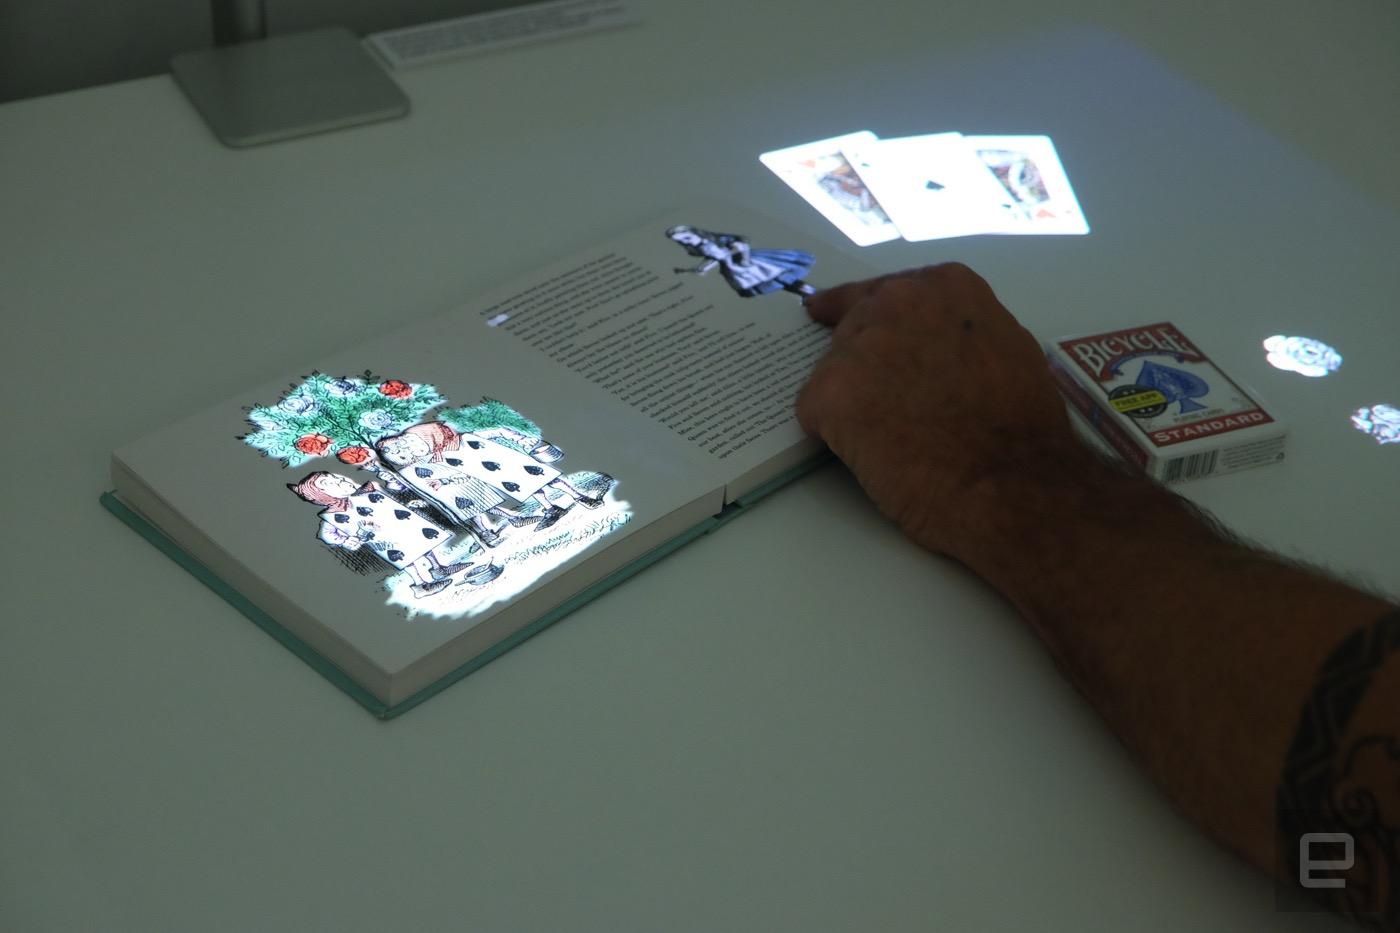 как сделать текст вокруг картинки powerpoint